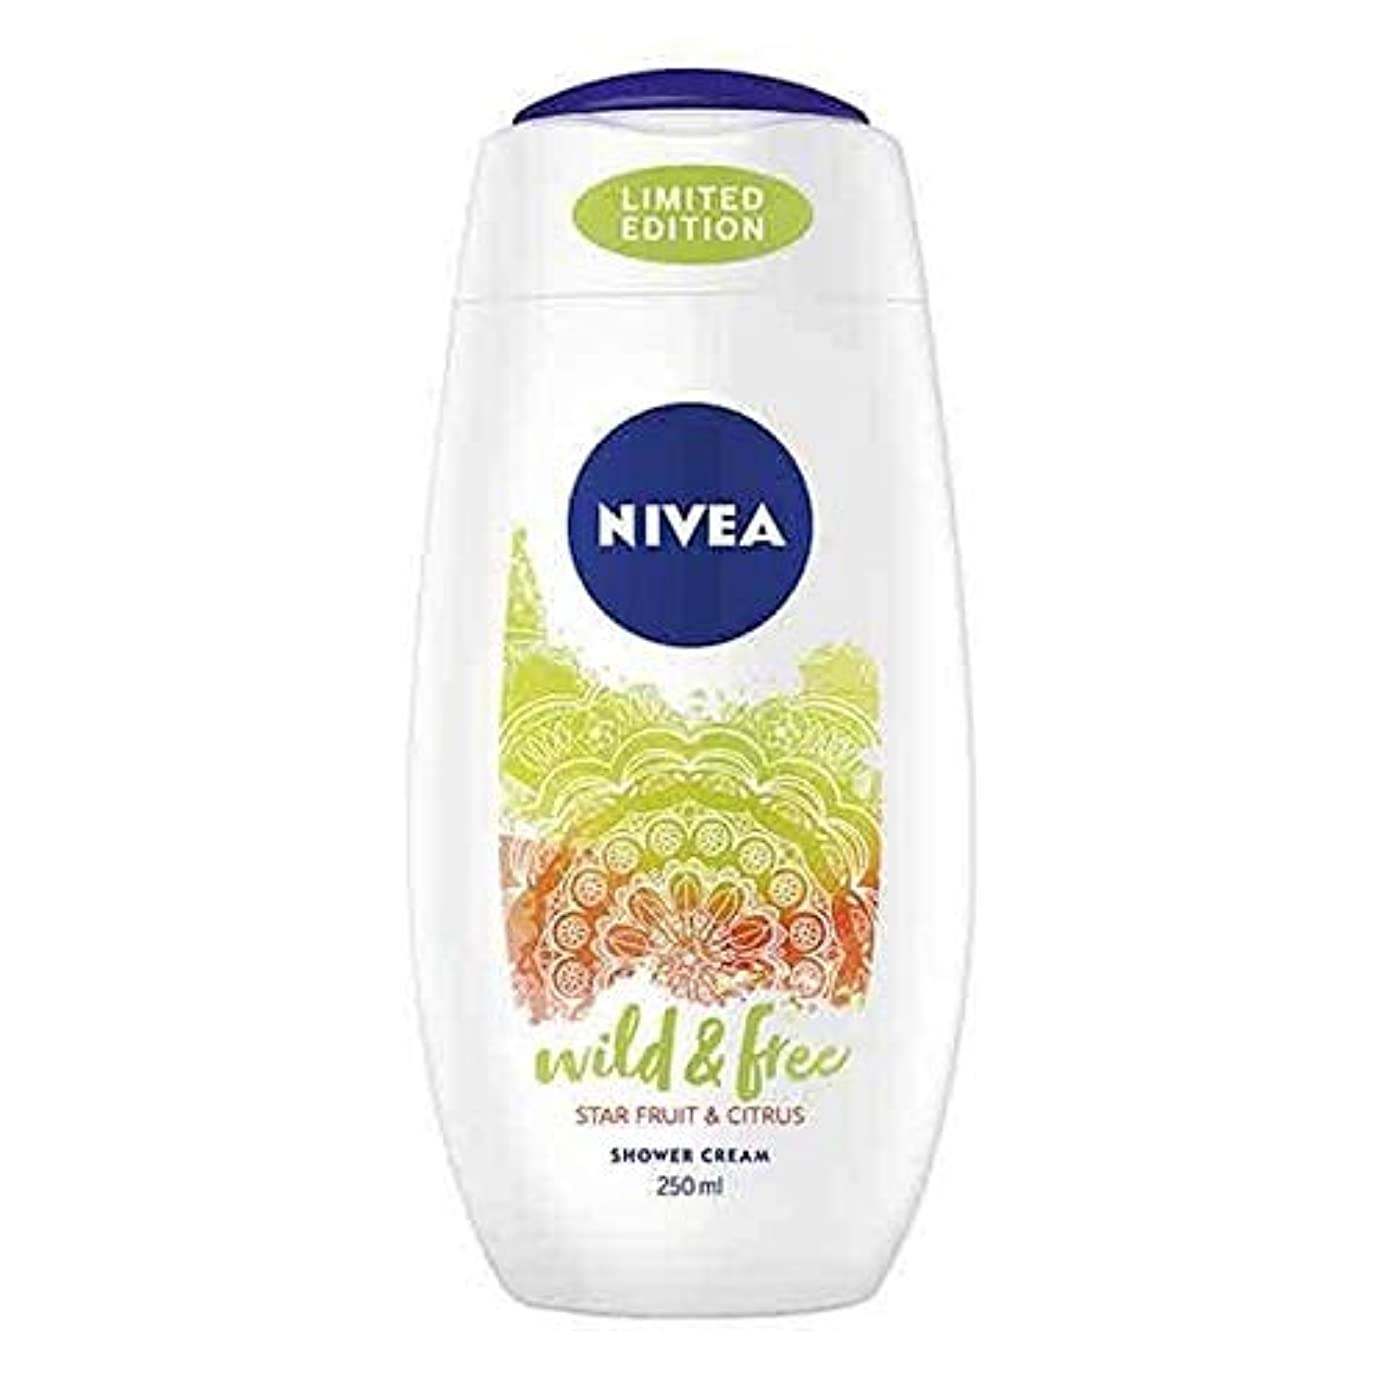 論文寛解かんたん[Nivea ] ニベアシャワーワイルド&無料シトラス250ミリリットル - NIVEA Shower Wild & Free Citrus 250ml [並行輸入品]